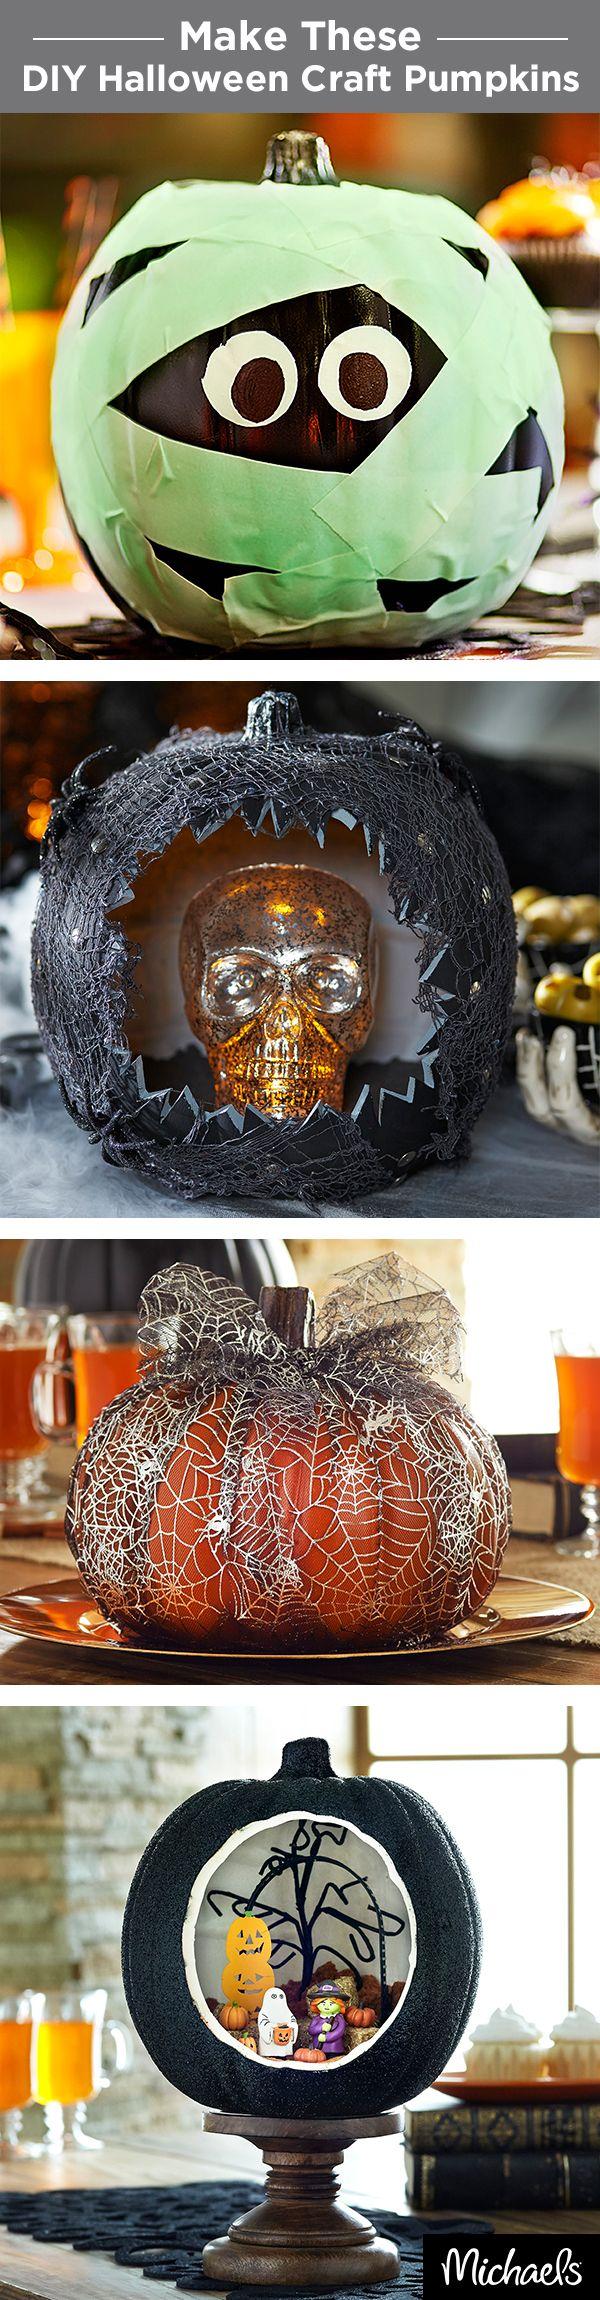 Best Pumpkin Art Images On Pinterest Fall Halloween - 6 diy halloween pumpkin stands for your porch